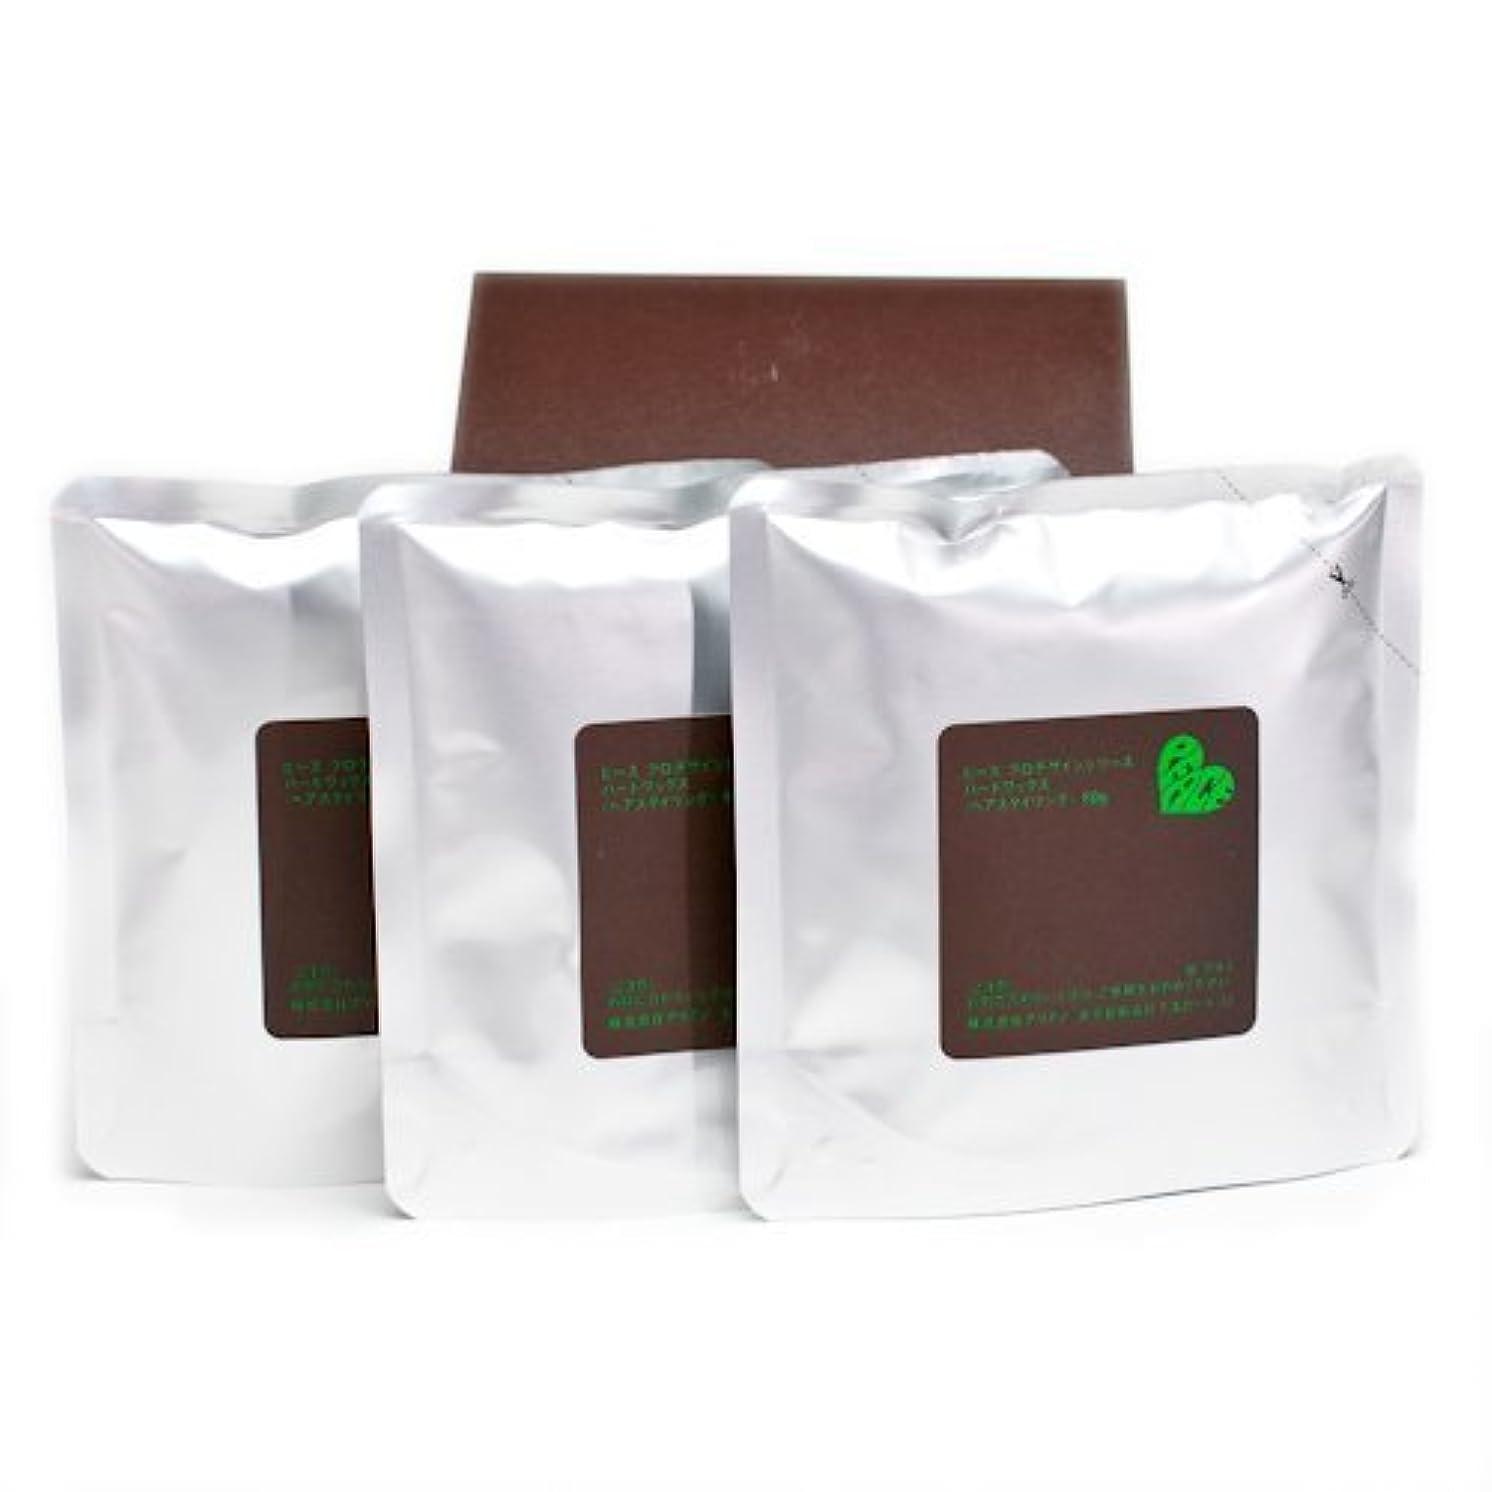 練るスラック運命的なアリミノ ピース ハードワックス (チョコ) 80g(業務?詰替用)×3個入り